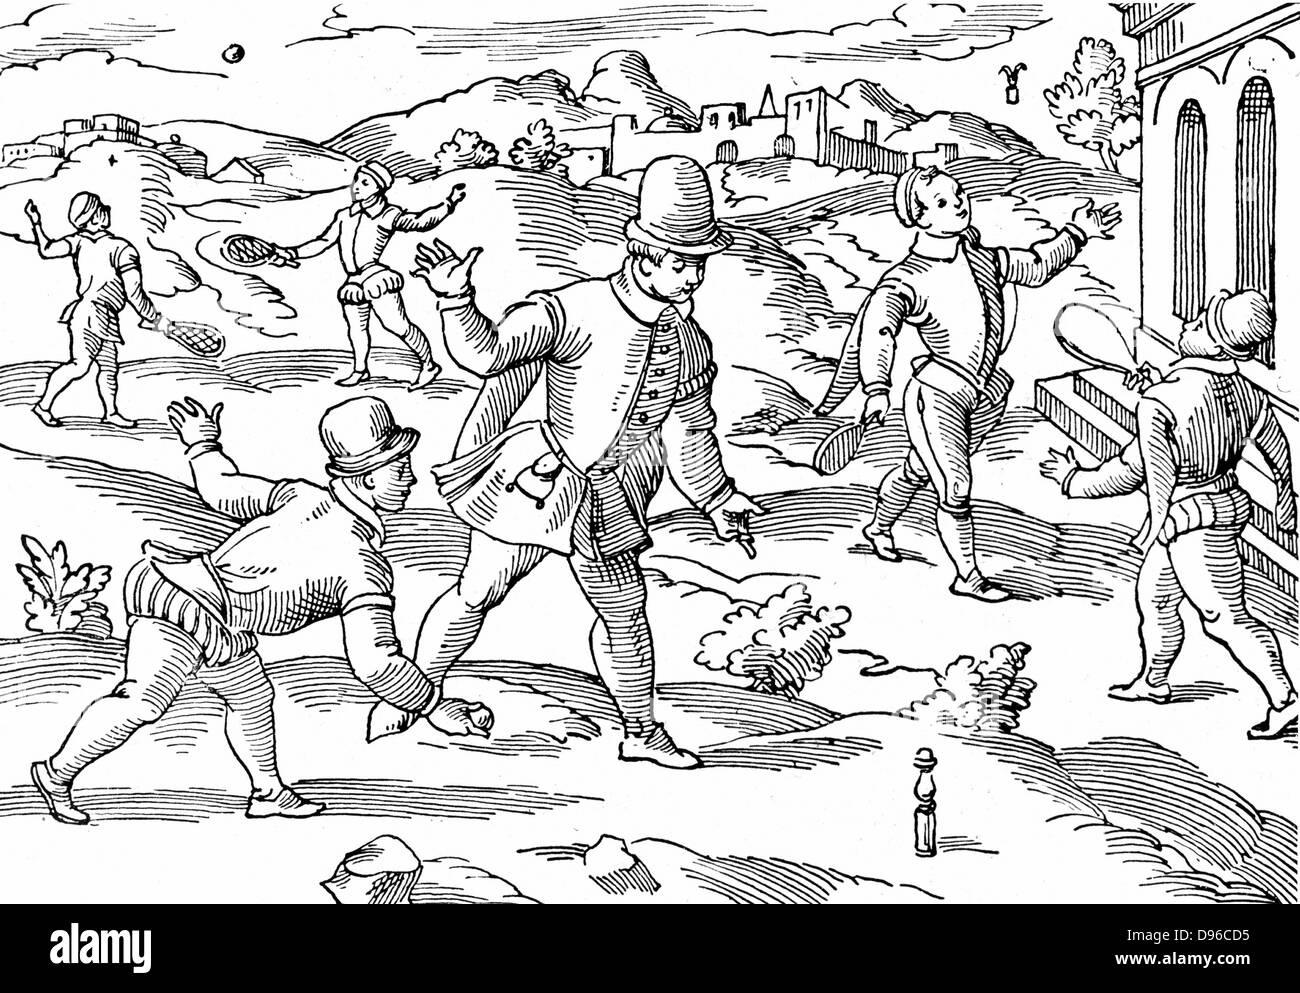 Jeux d'enfants au 16ème siècle: en premier plan garçons jouent une forme de quilles, volant Photo Stock